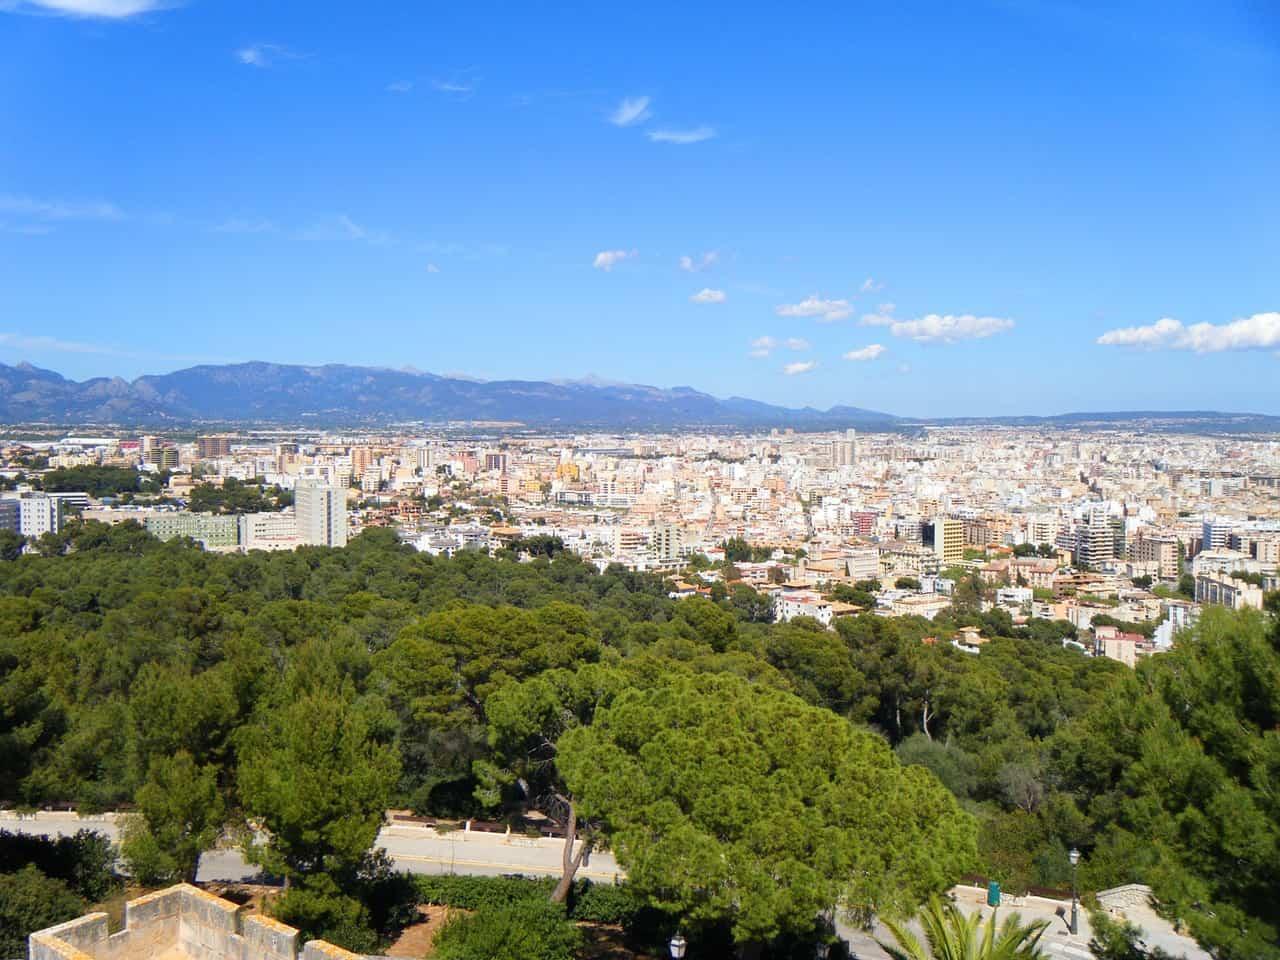 Metropole auf der Balearischen Insel Mallorca mit circa 500.000 Einwohnern